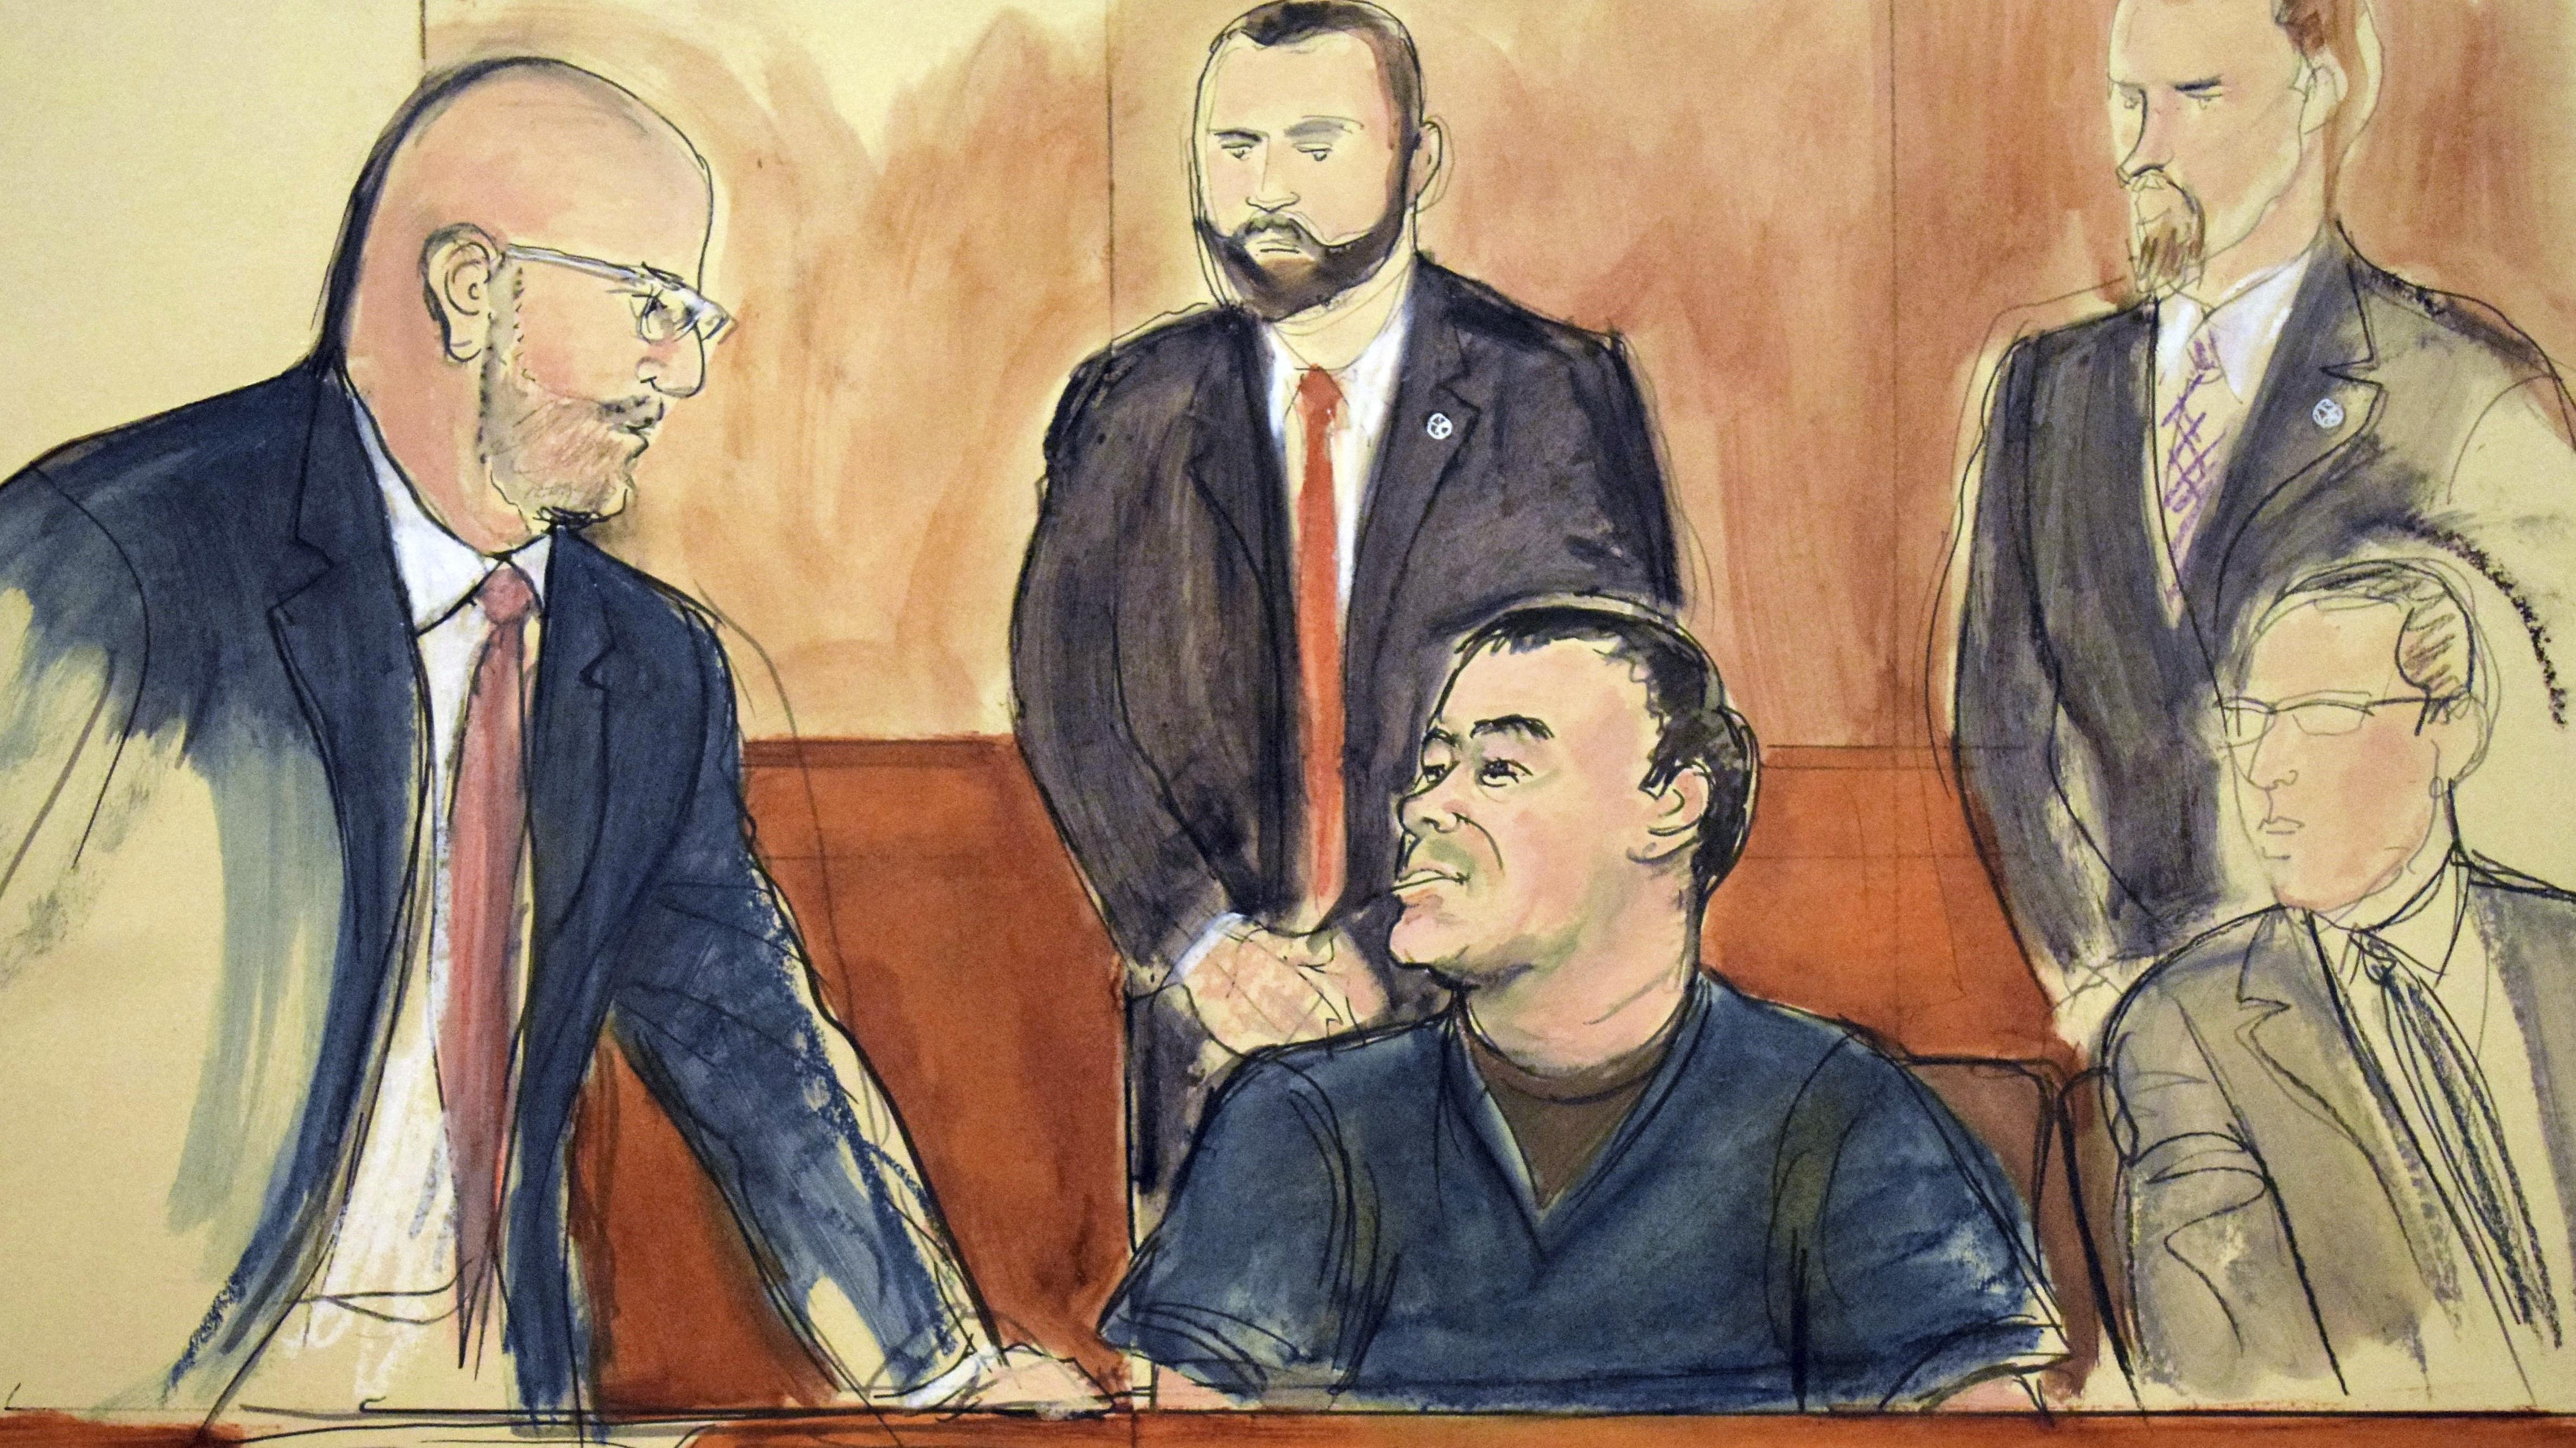 El Chapo-Prozess beginnt mit Eröffnungsplädoyers